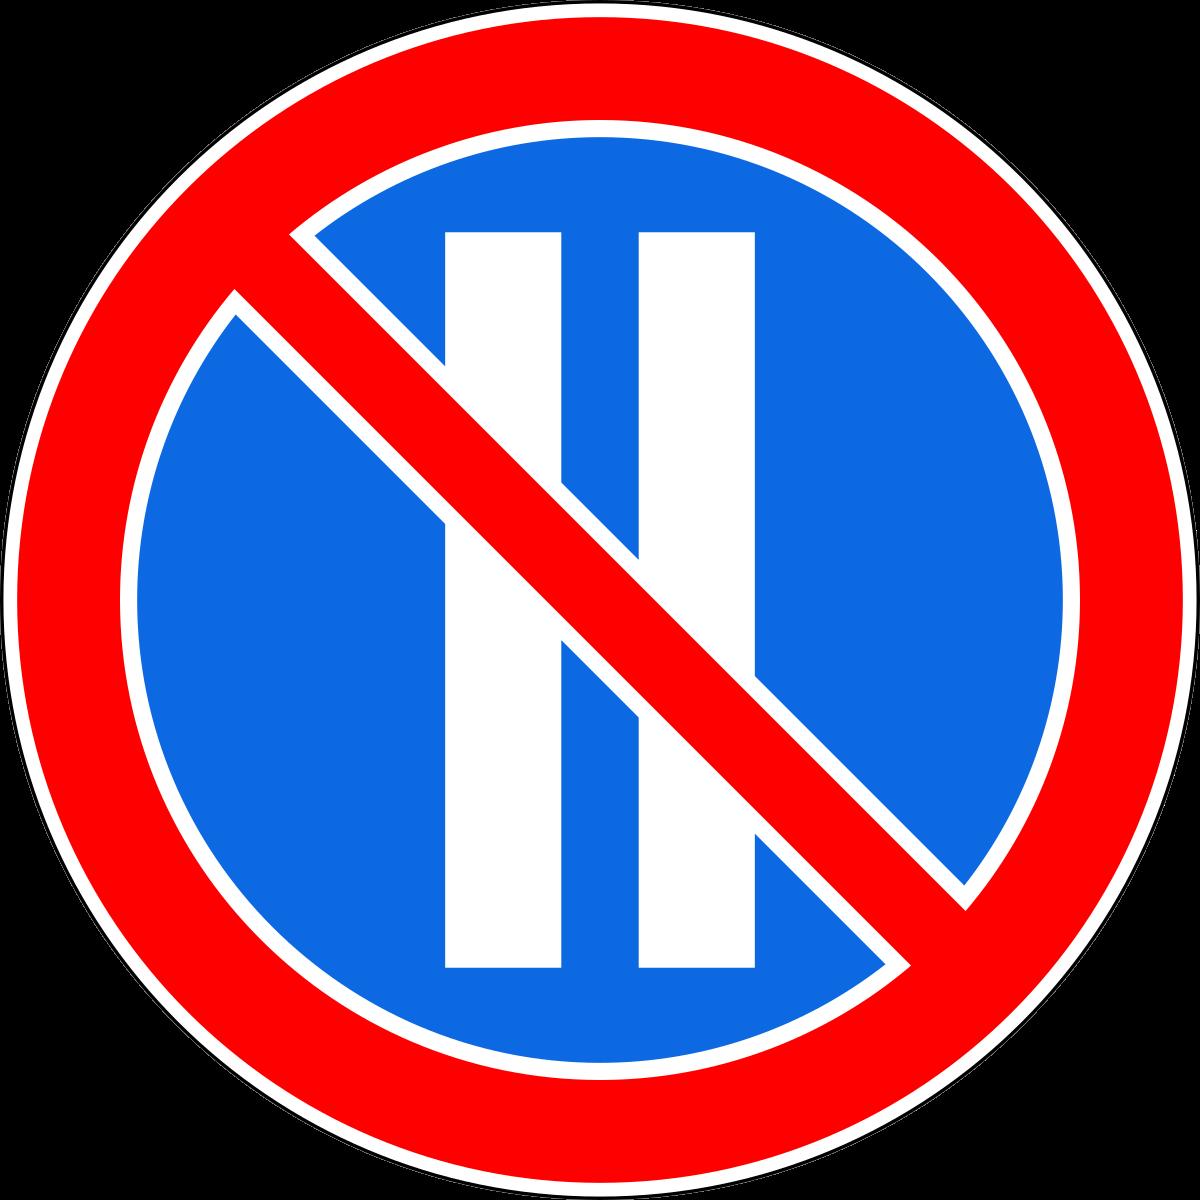 Знак 3.30 Стоянка запрещена по четным числам месяца